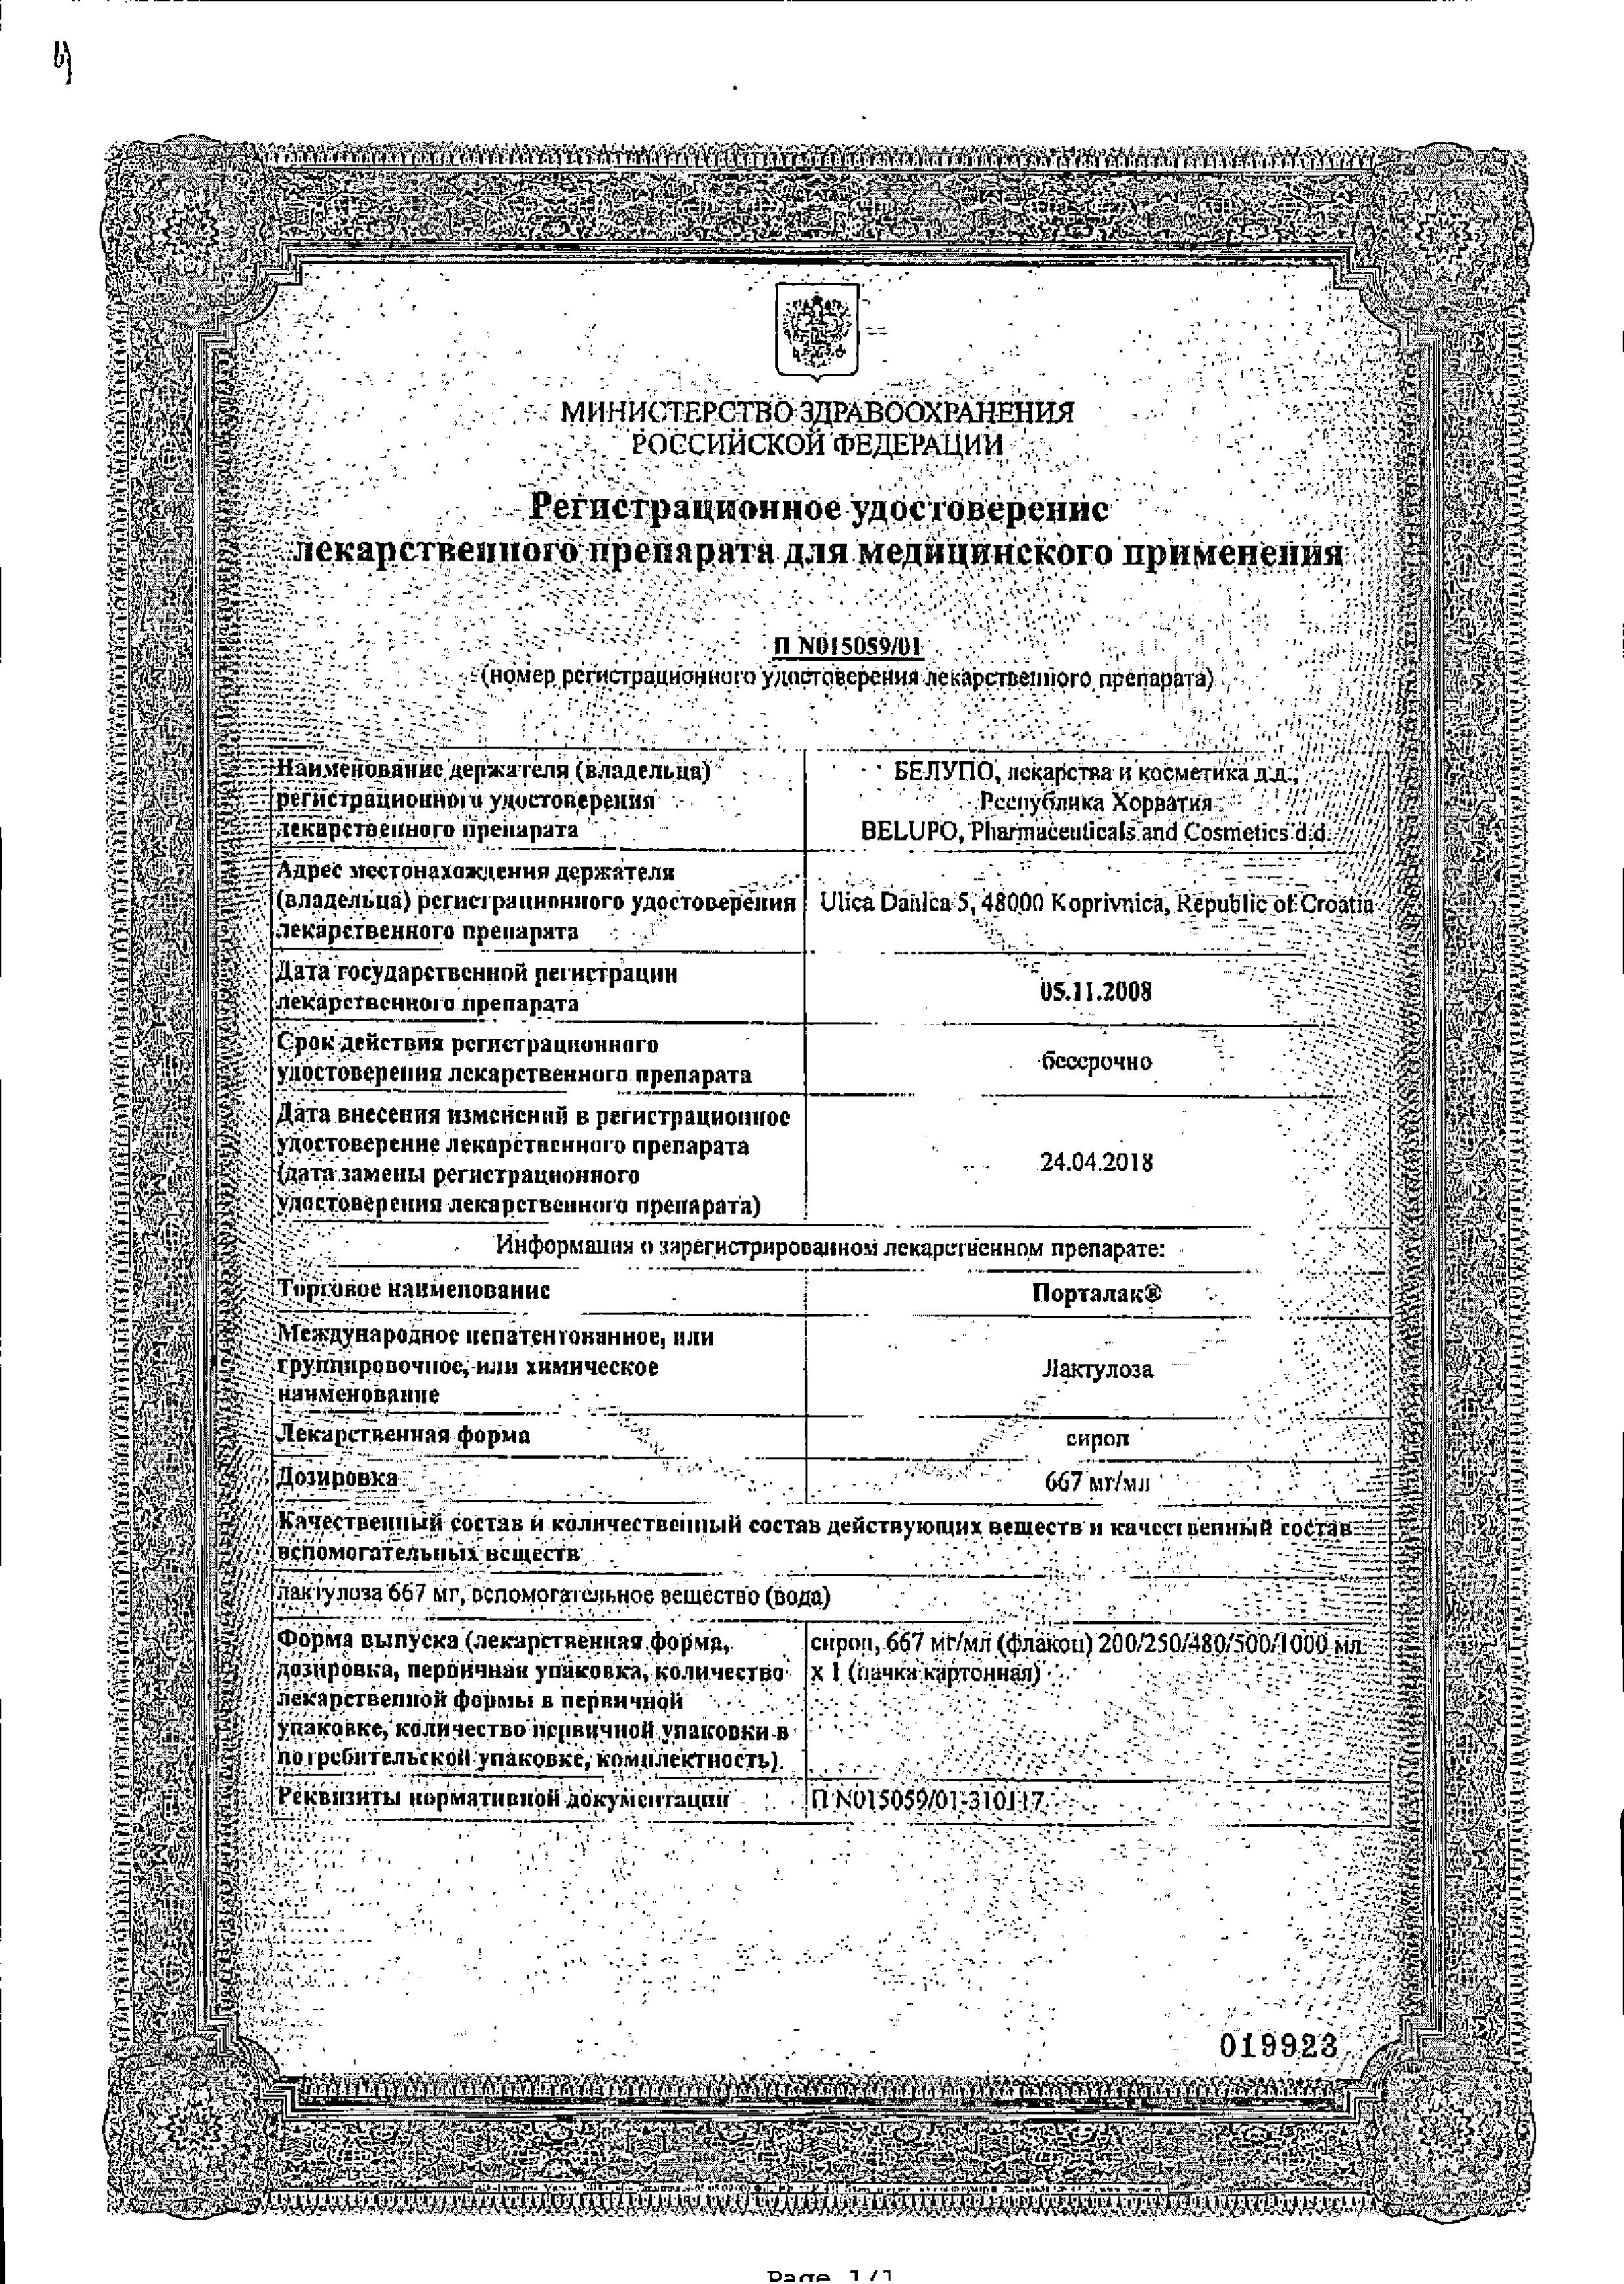 Порталак сертификат